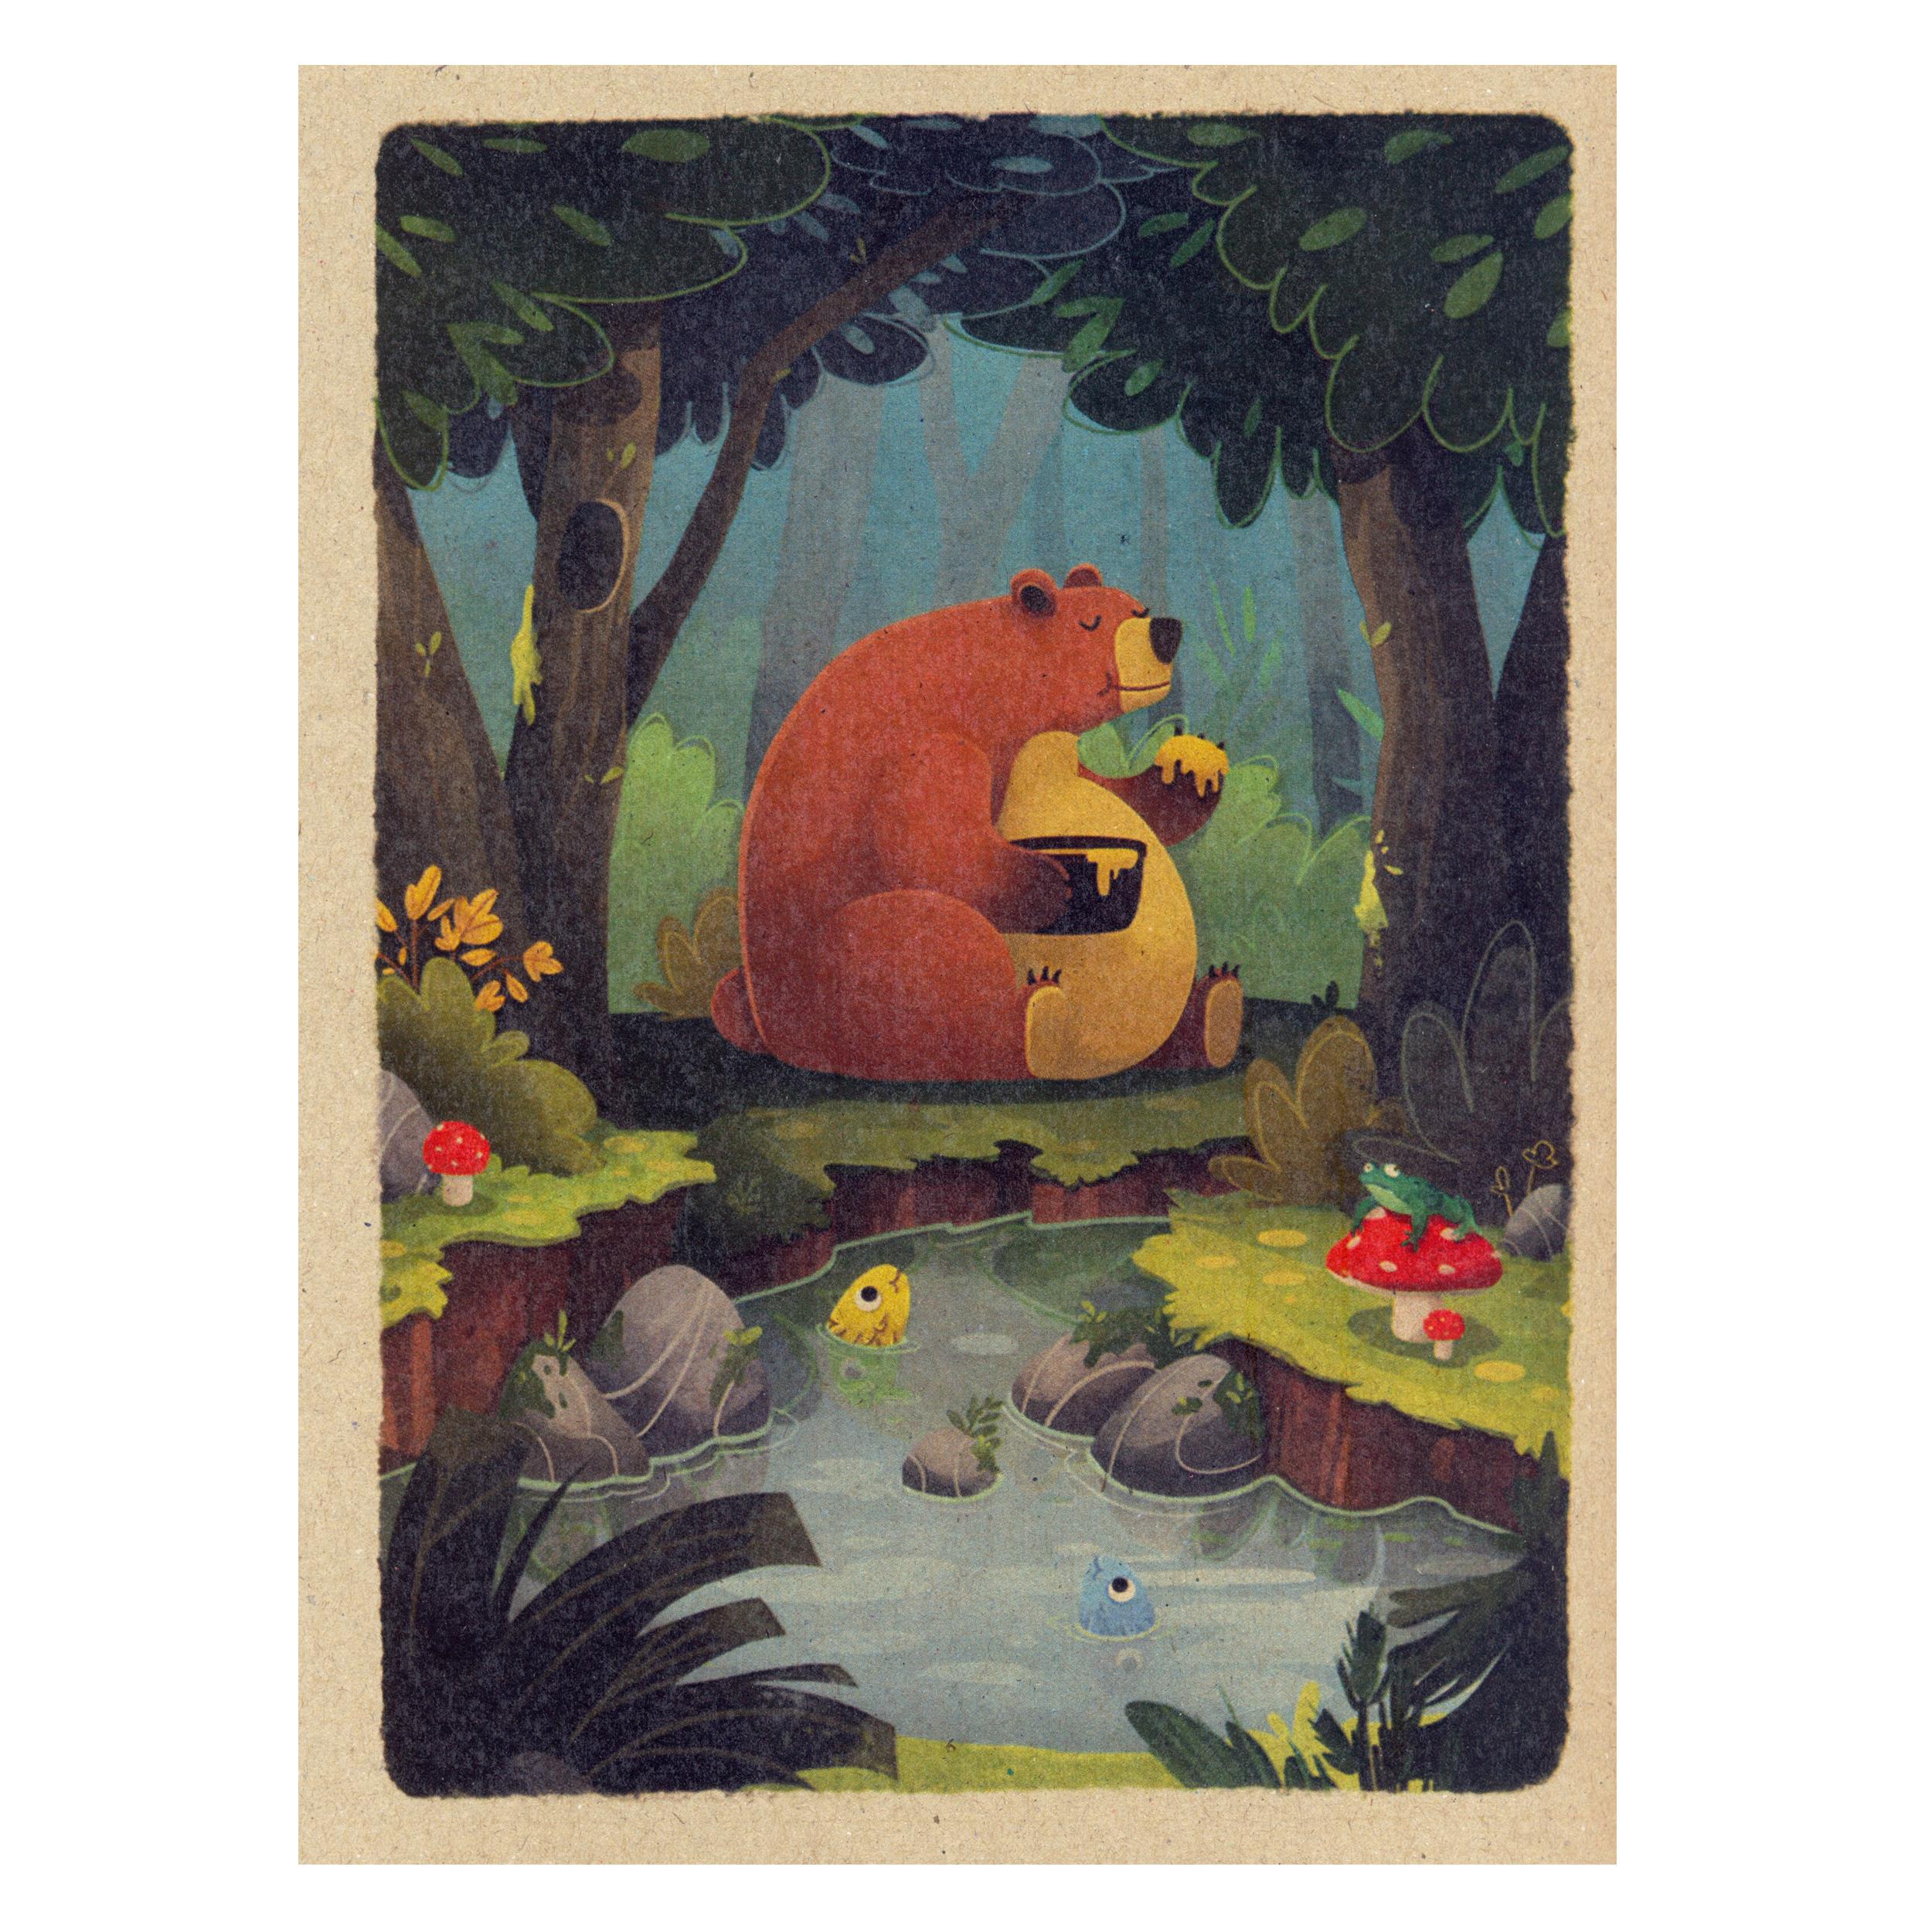 قیمت خرید دفتر نقاشی ژوست طرح خرس و عسل مدل کژوال اورجینال